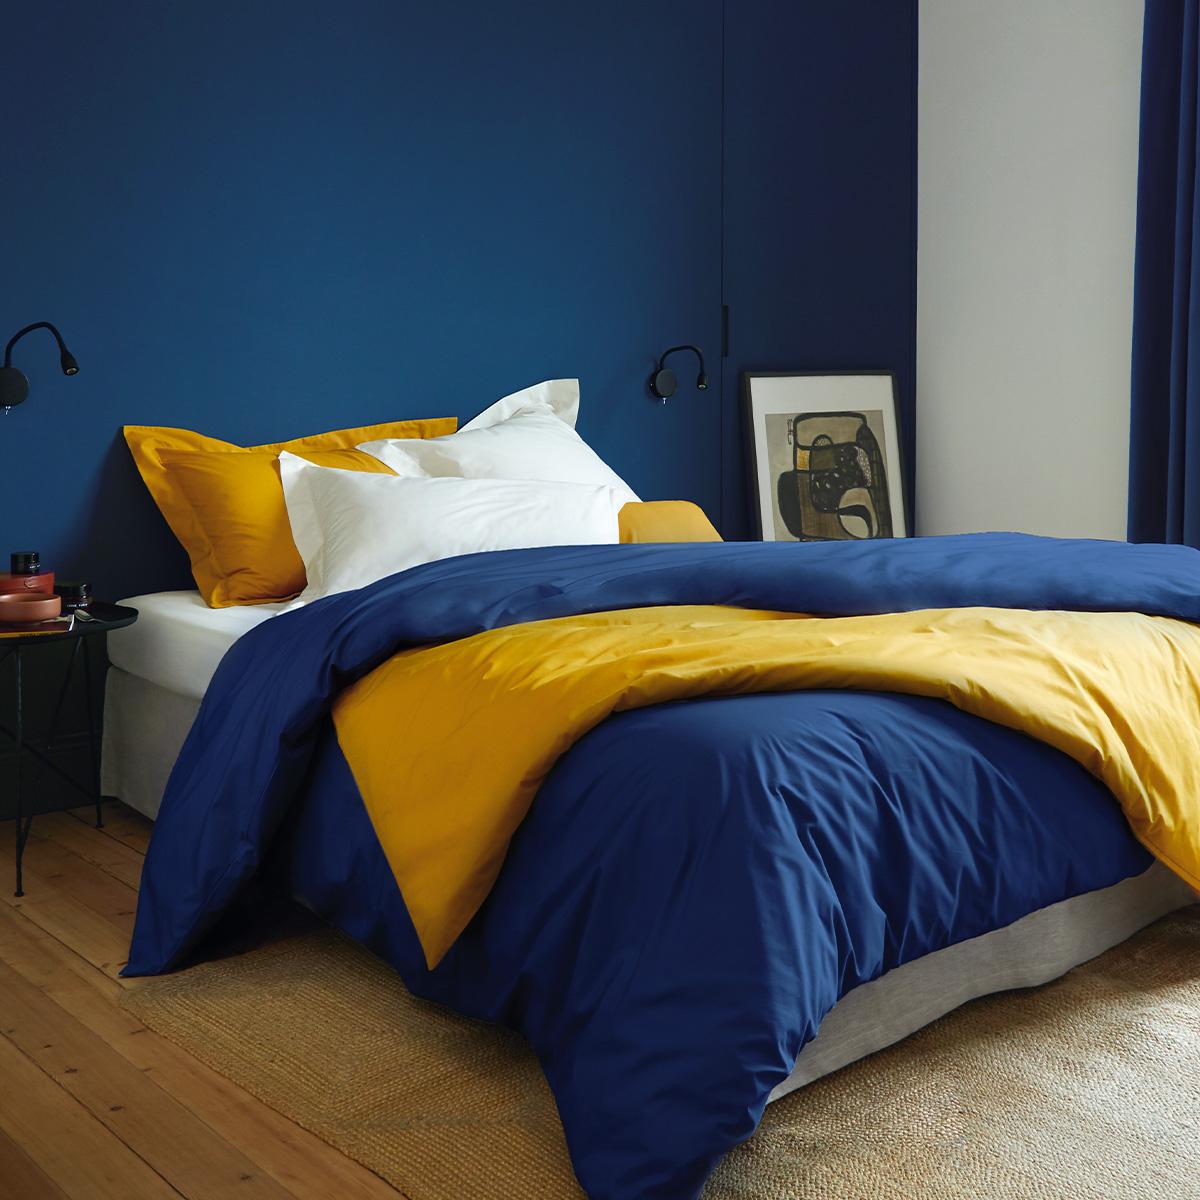 Drap plat percale Bleu 240 x 300 cm